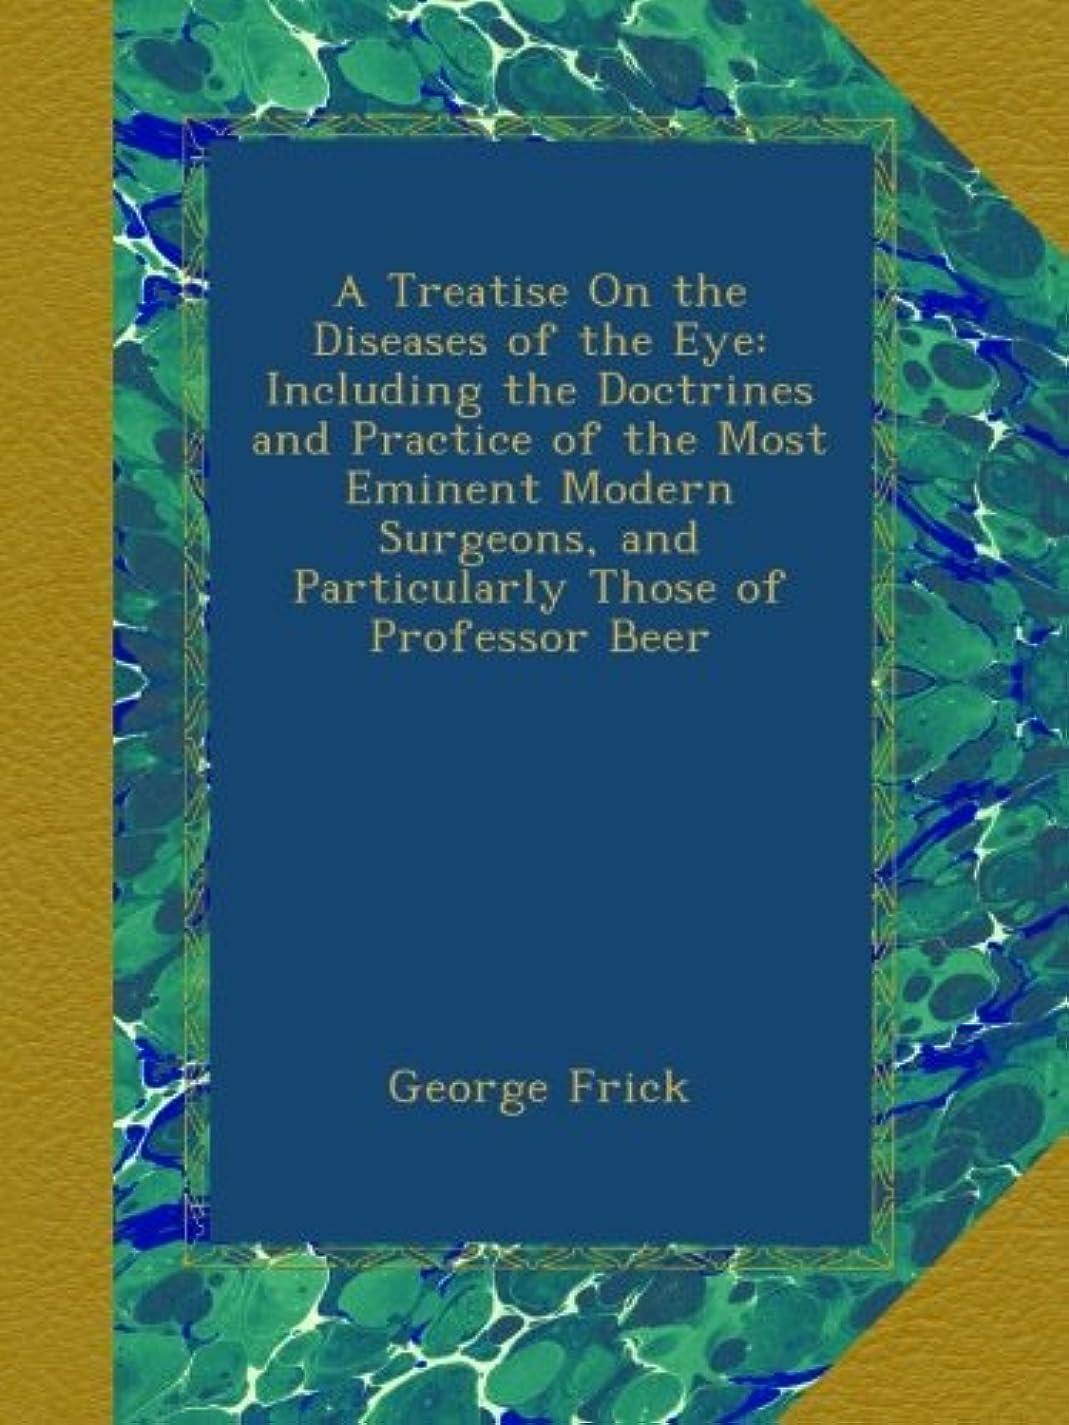 誠実さプレゼントグラマーA Treatise On the Diseases of the Eye: Including the Doctrines and Practice of the Most Eminent Modern Surgeons, and Particularly Those of Professor Beer